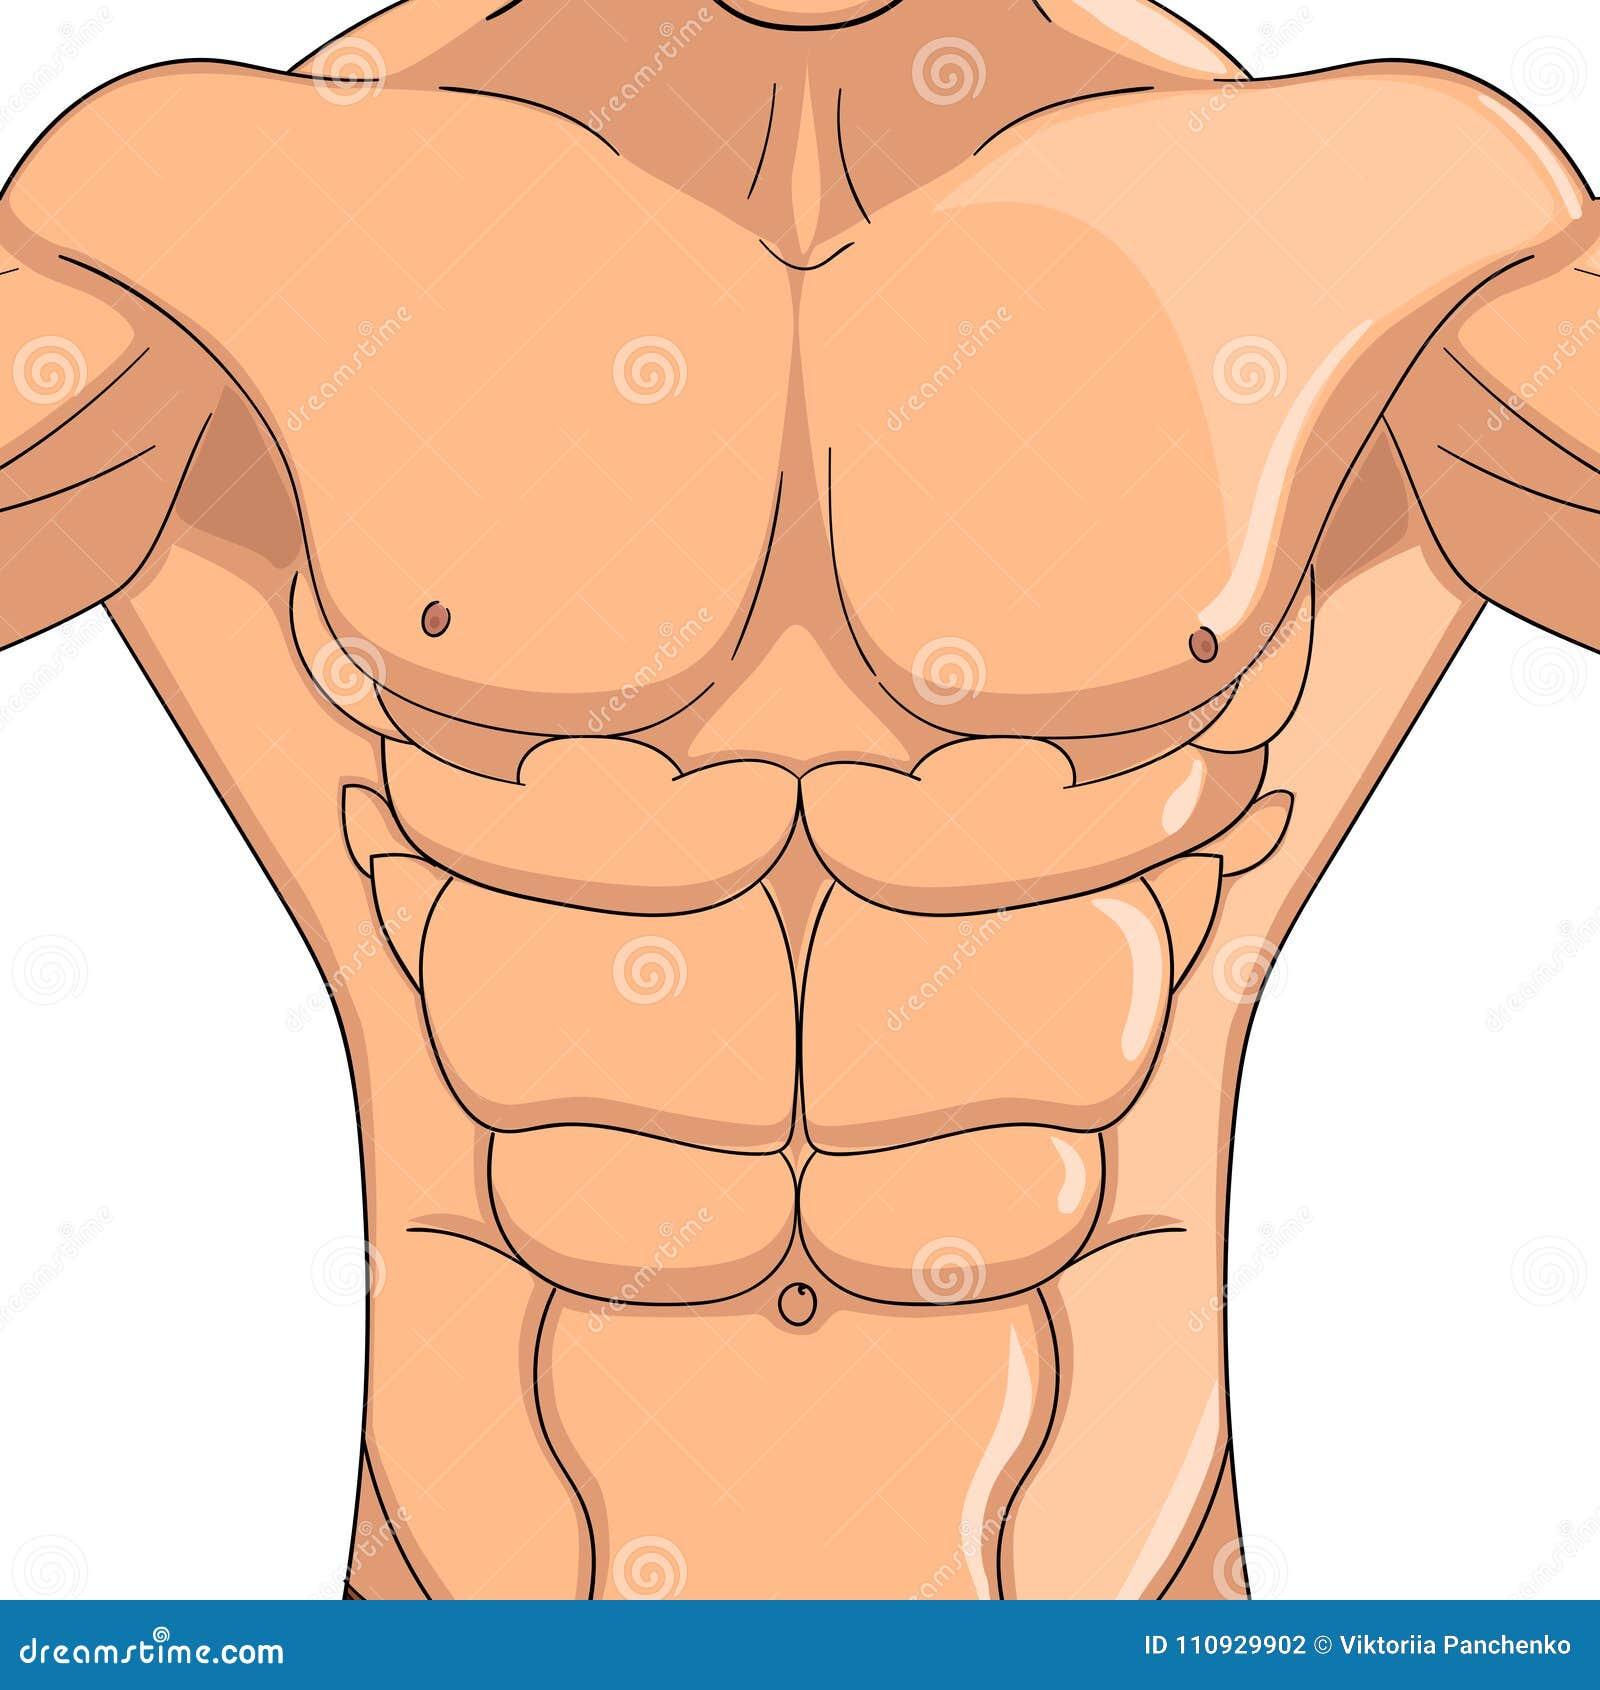 Anatomie De L Homme bodybuilder, anatomie de l'homme de muscles abdominaux objet de